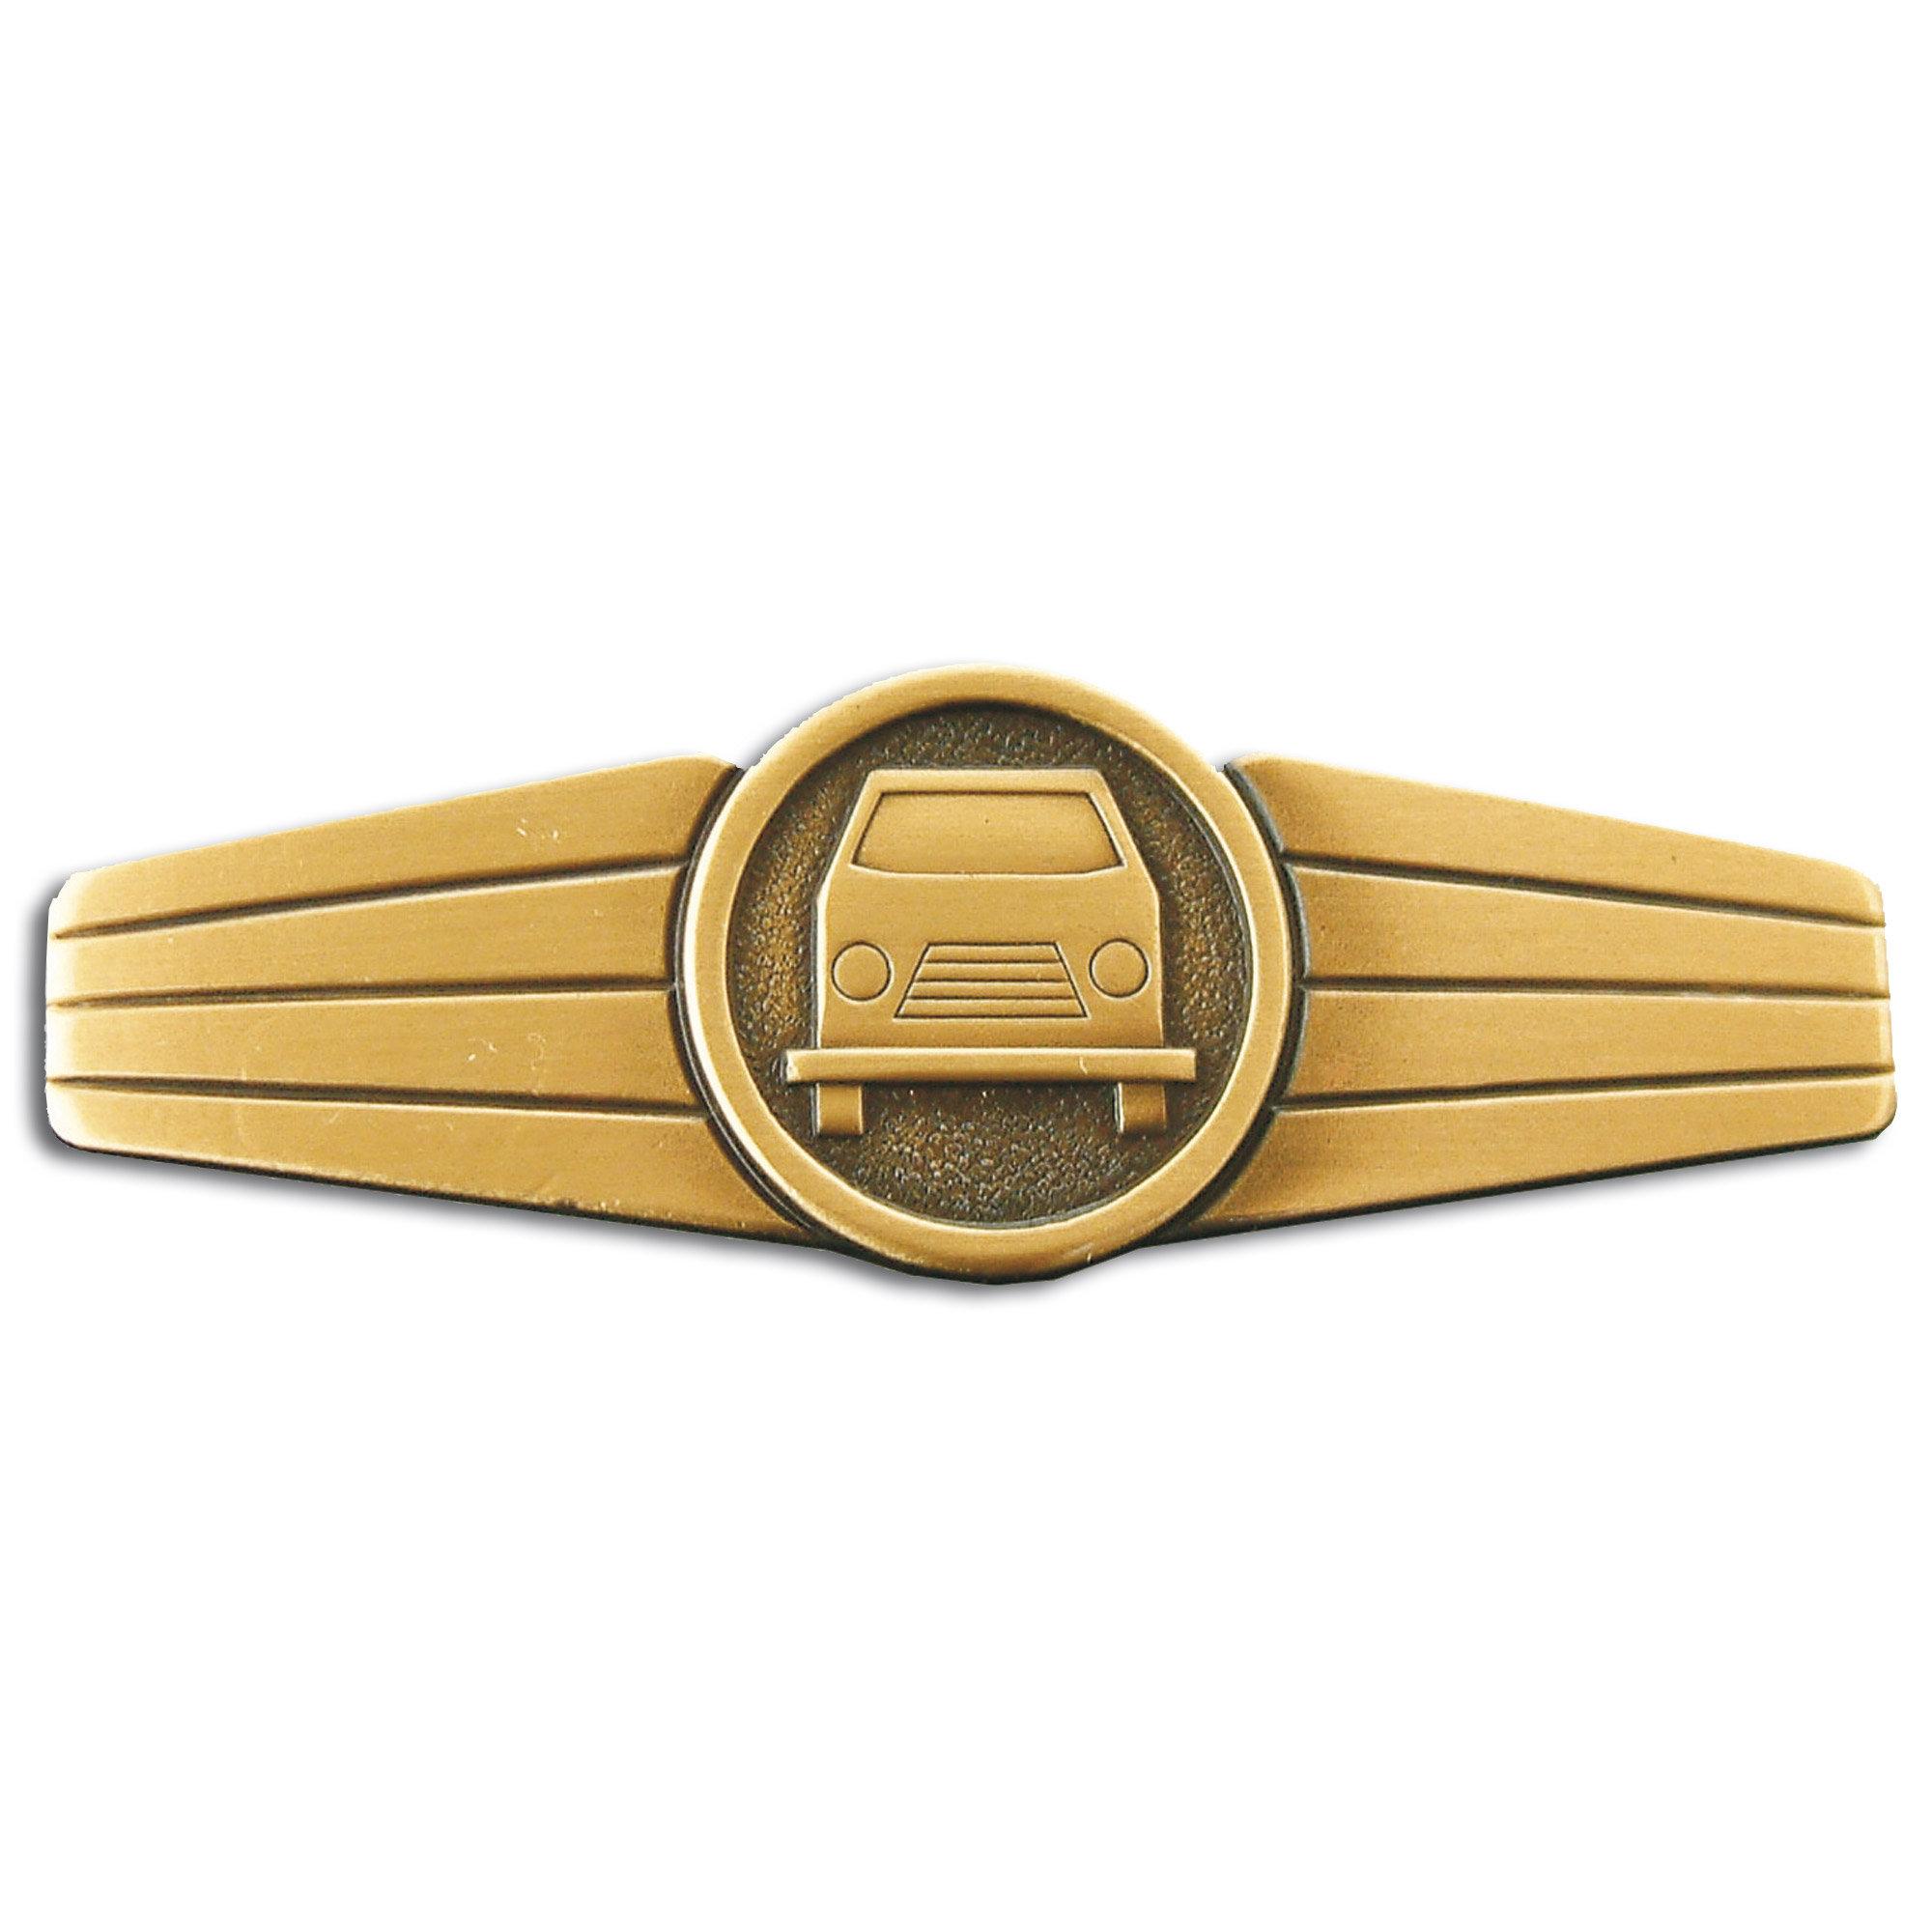 Abzeichen BW Kraftfahrpersonal Metall bronze